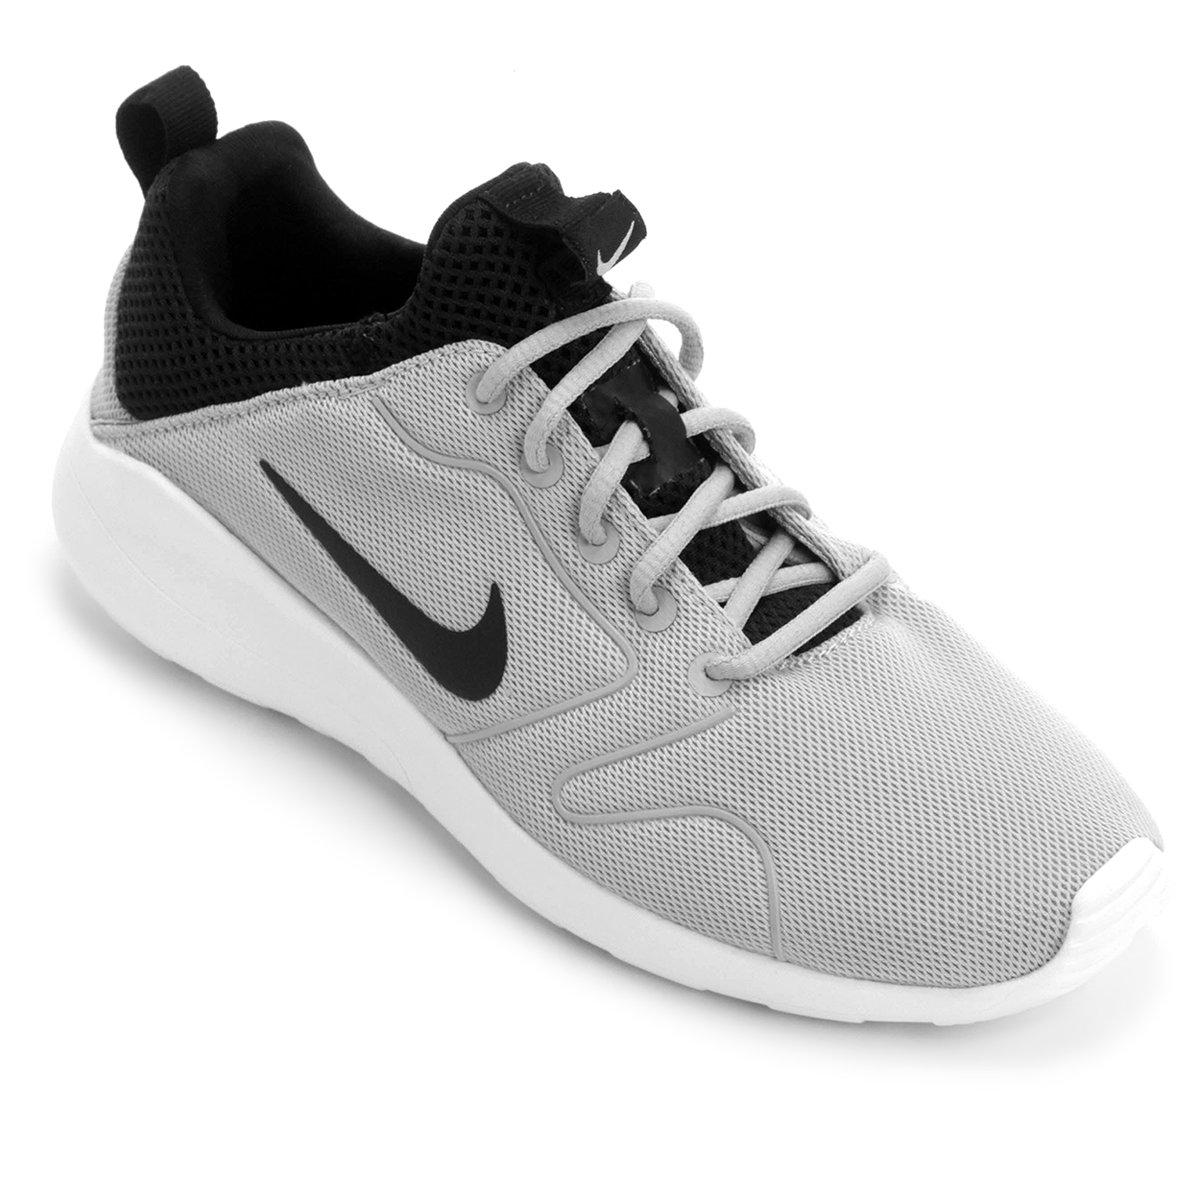 44424617de Tênis Nike Kaishi 2.0 - Compre Agora